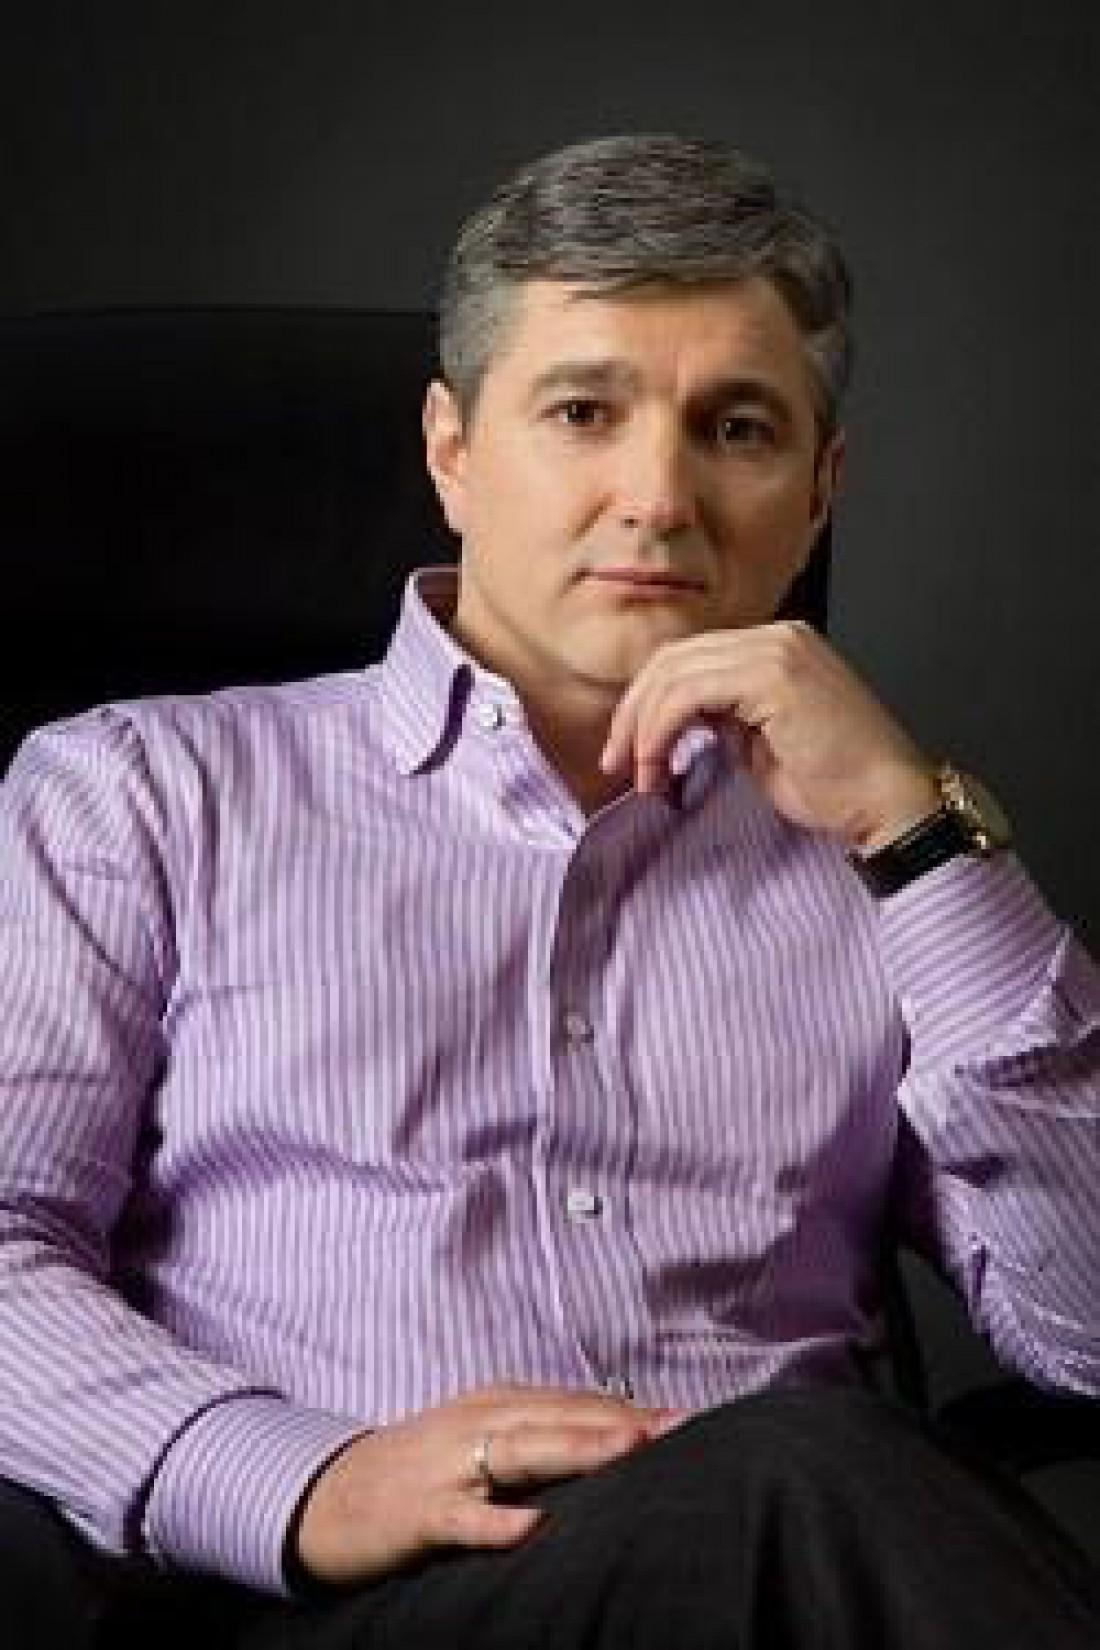 СМИ сообщают, что в авто находился криминальный авторитет Александр Лищенко